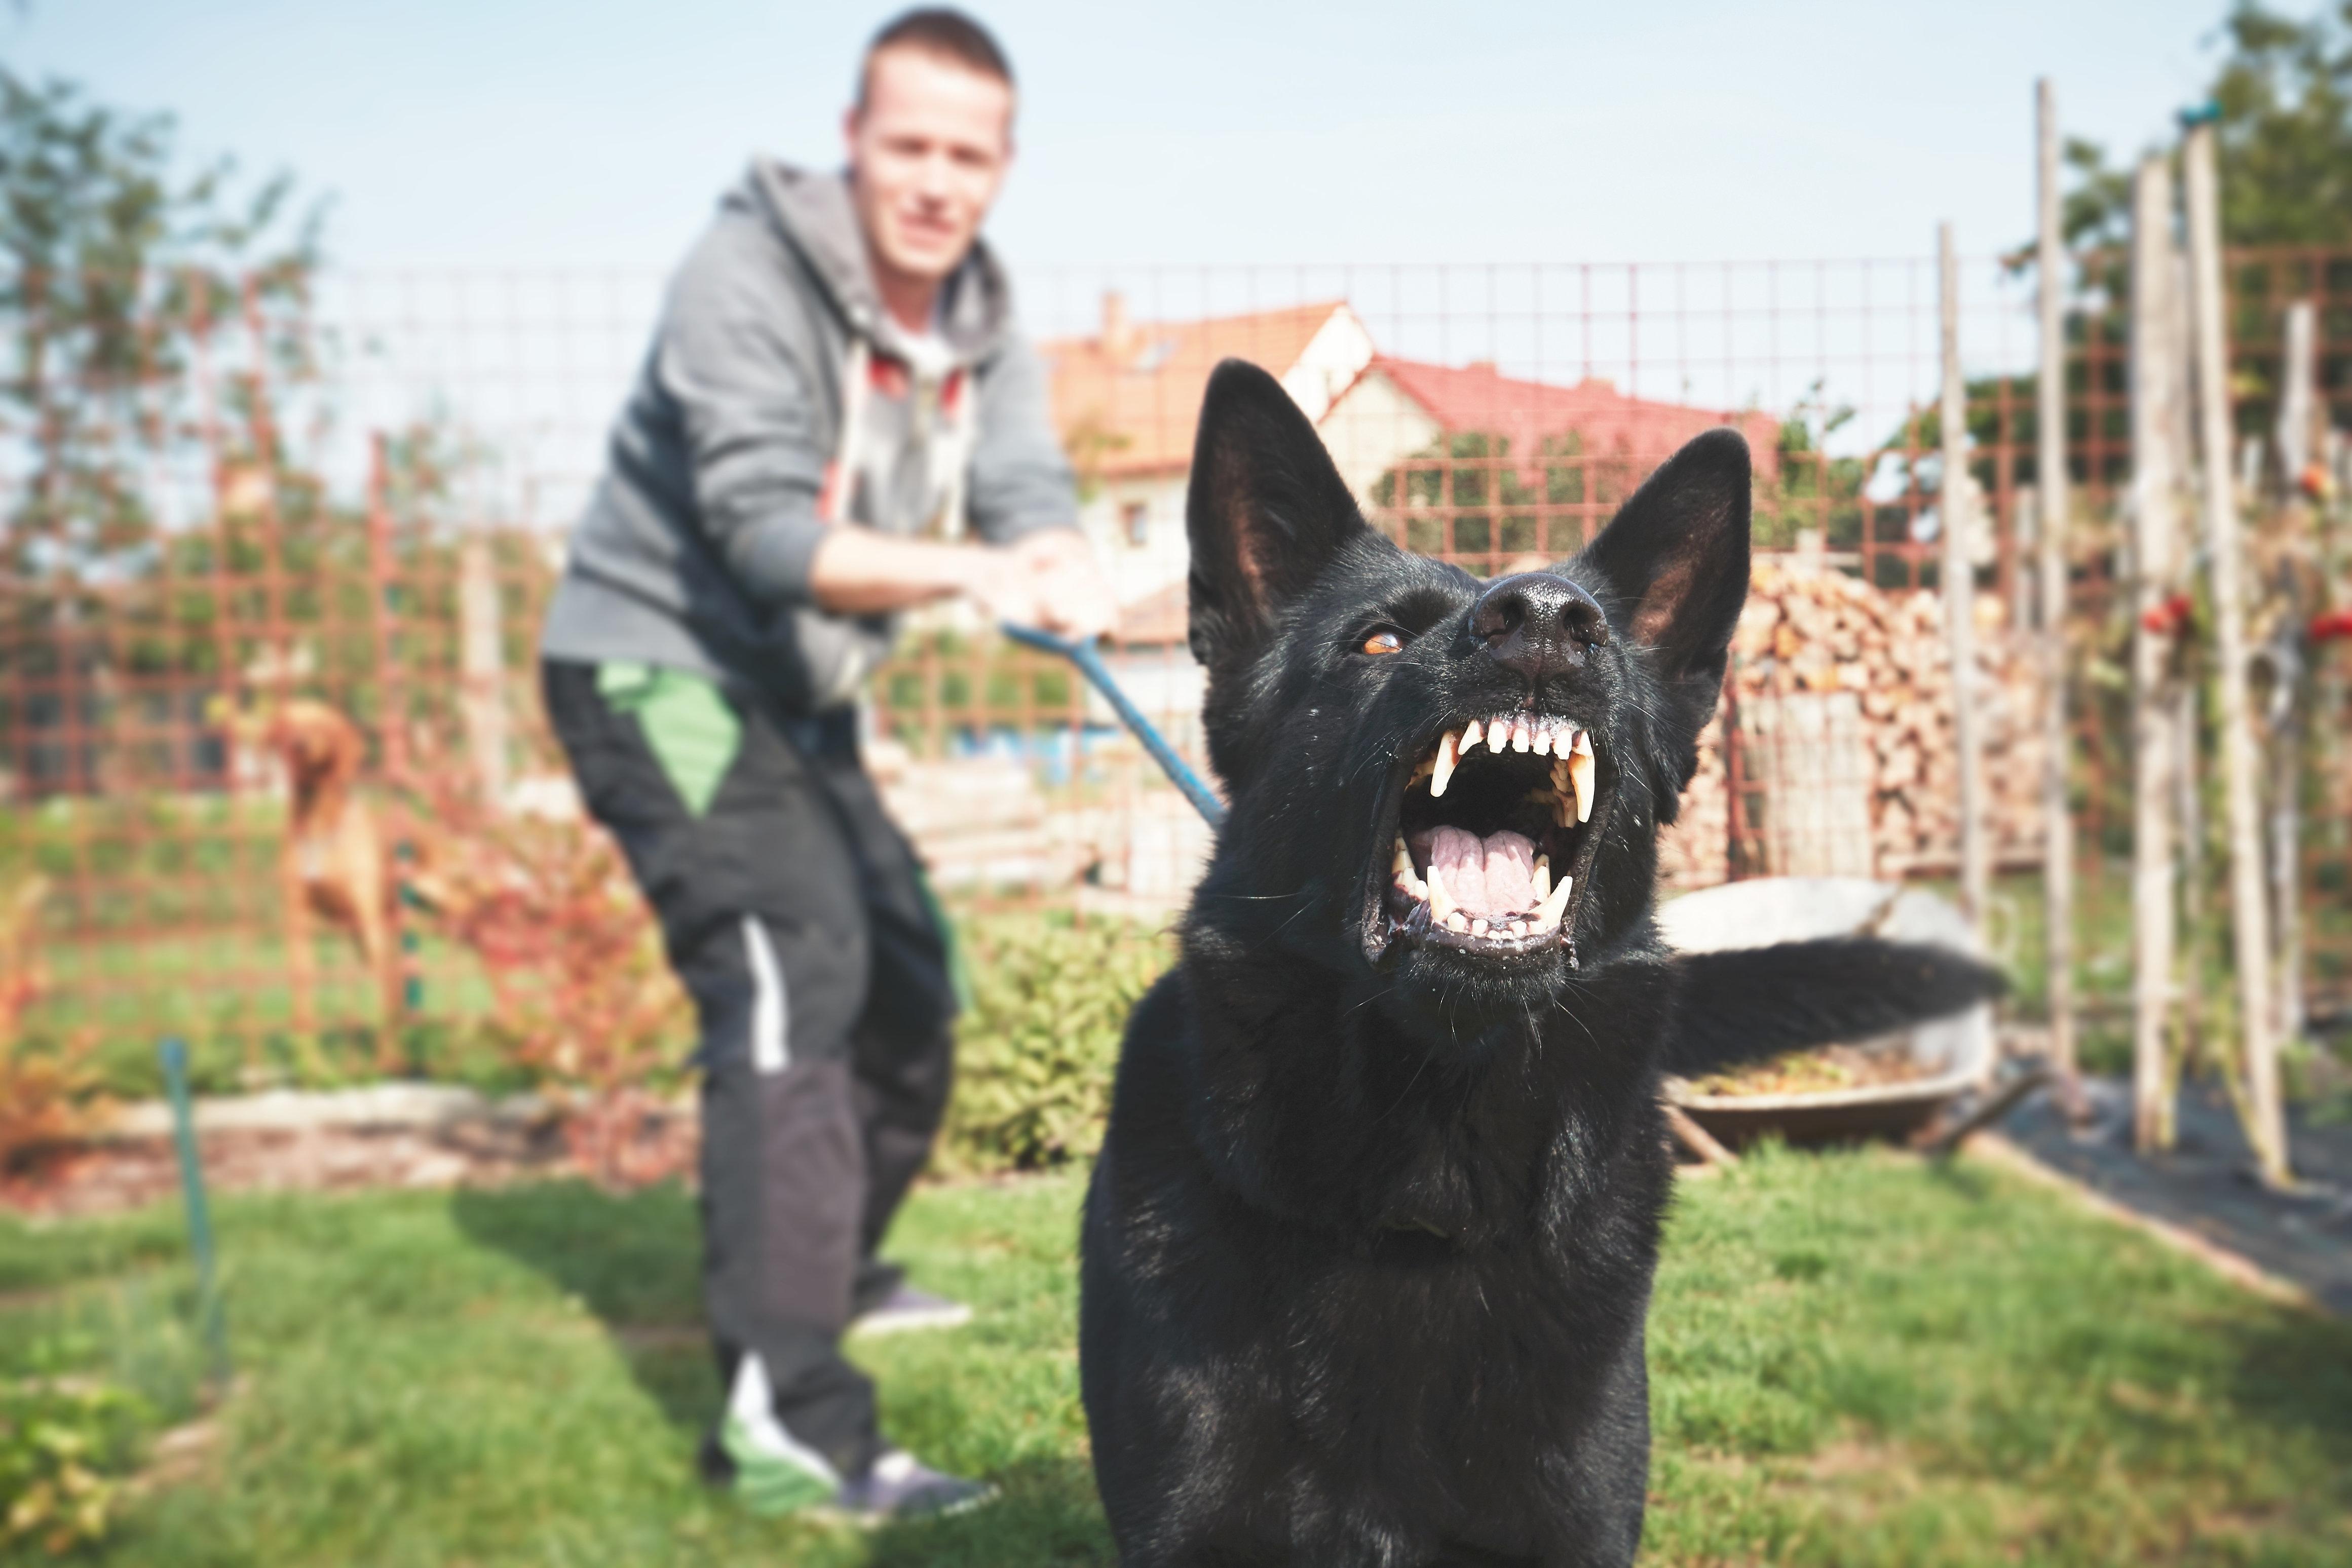 Αν είστε άνδρας και μάλιστα νευρωτικός, οι πιθανότητες να σας δαγκώσει ένας σκύλος